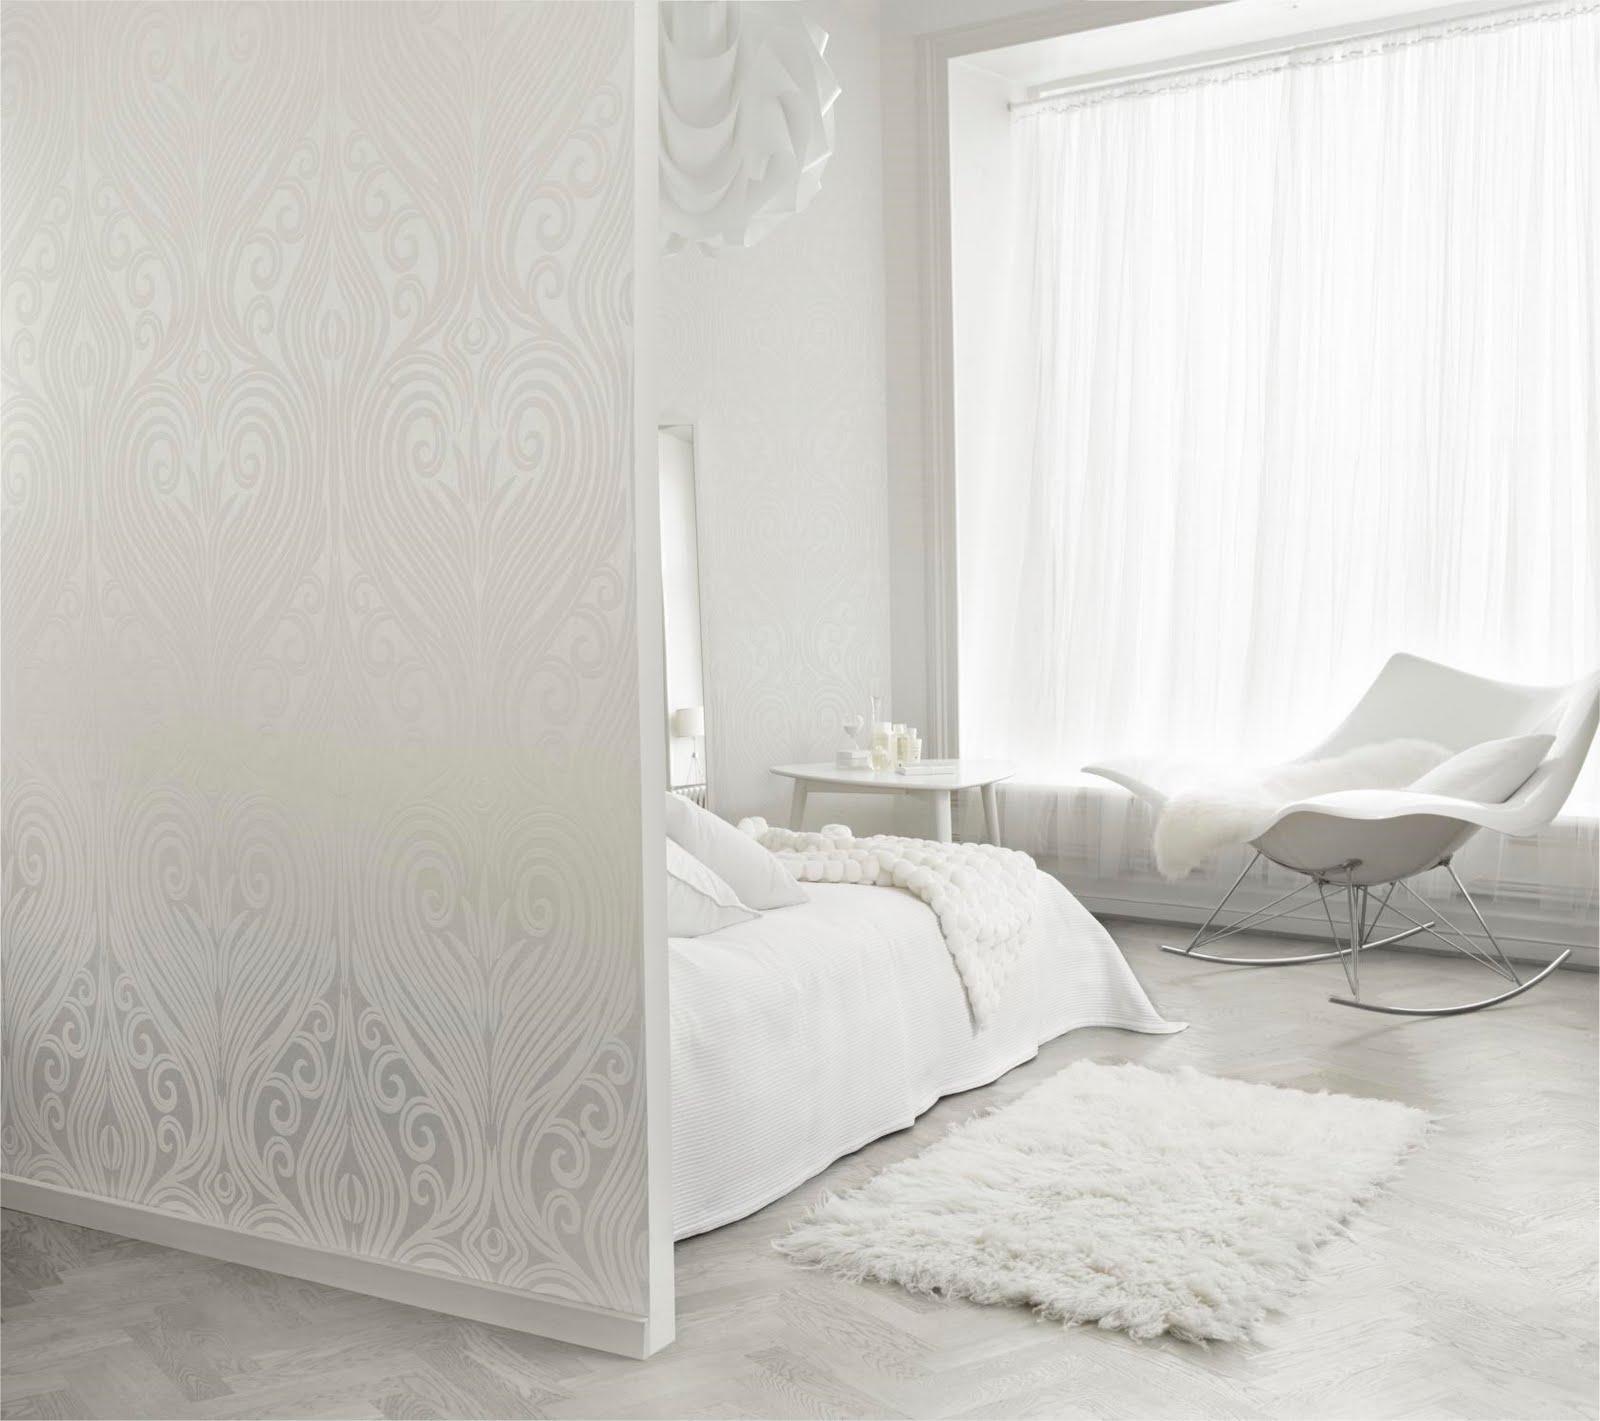 Design Shimmer: White Walls